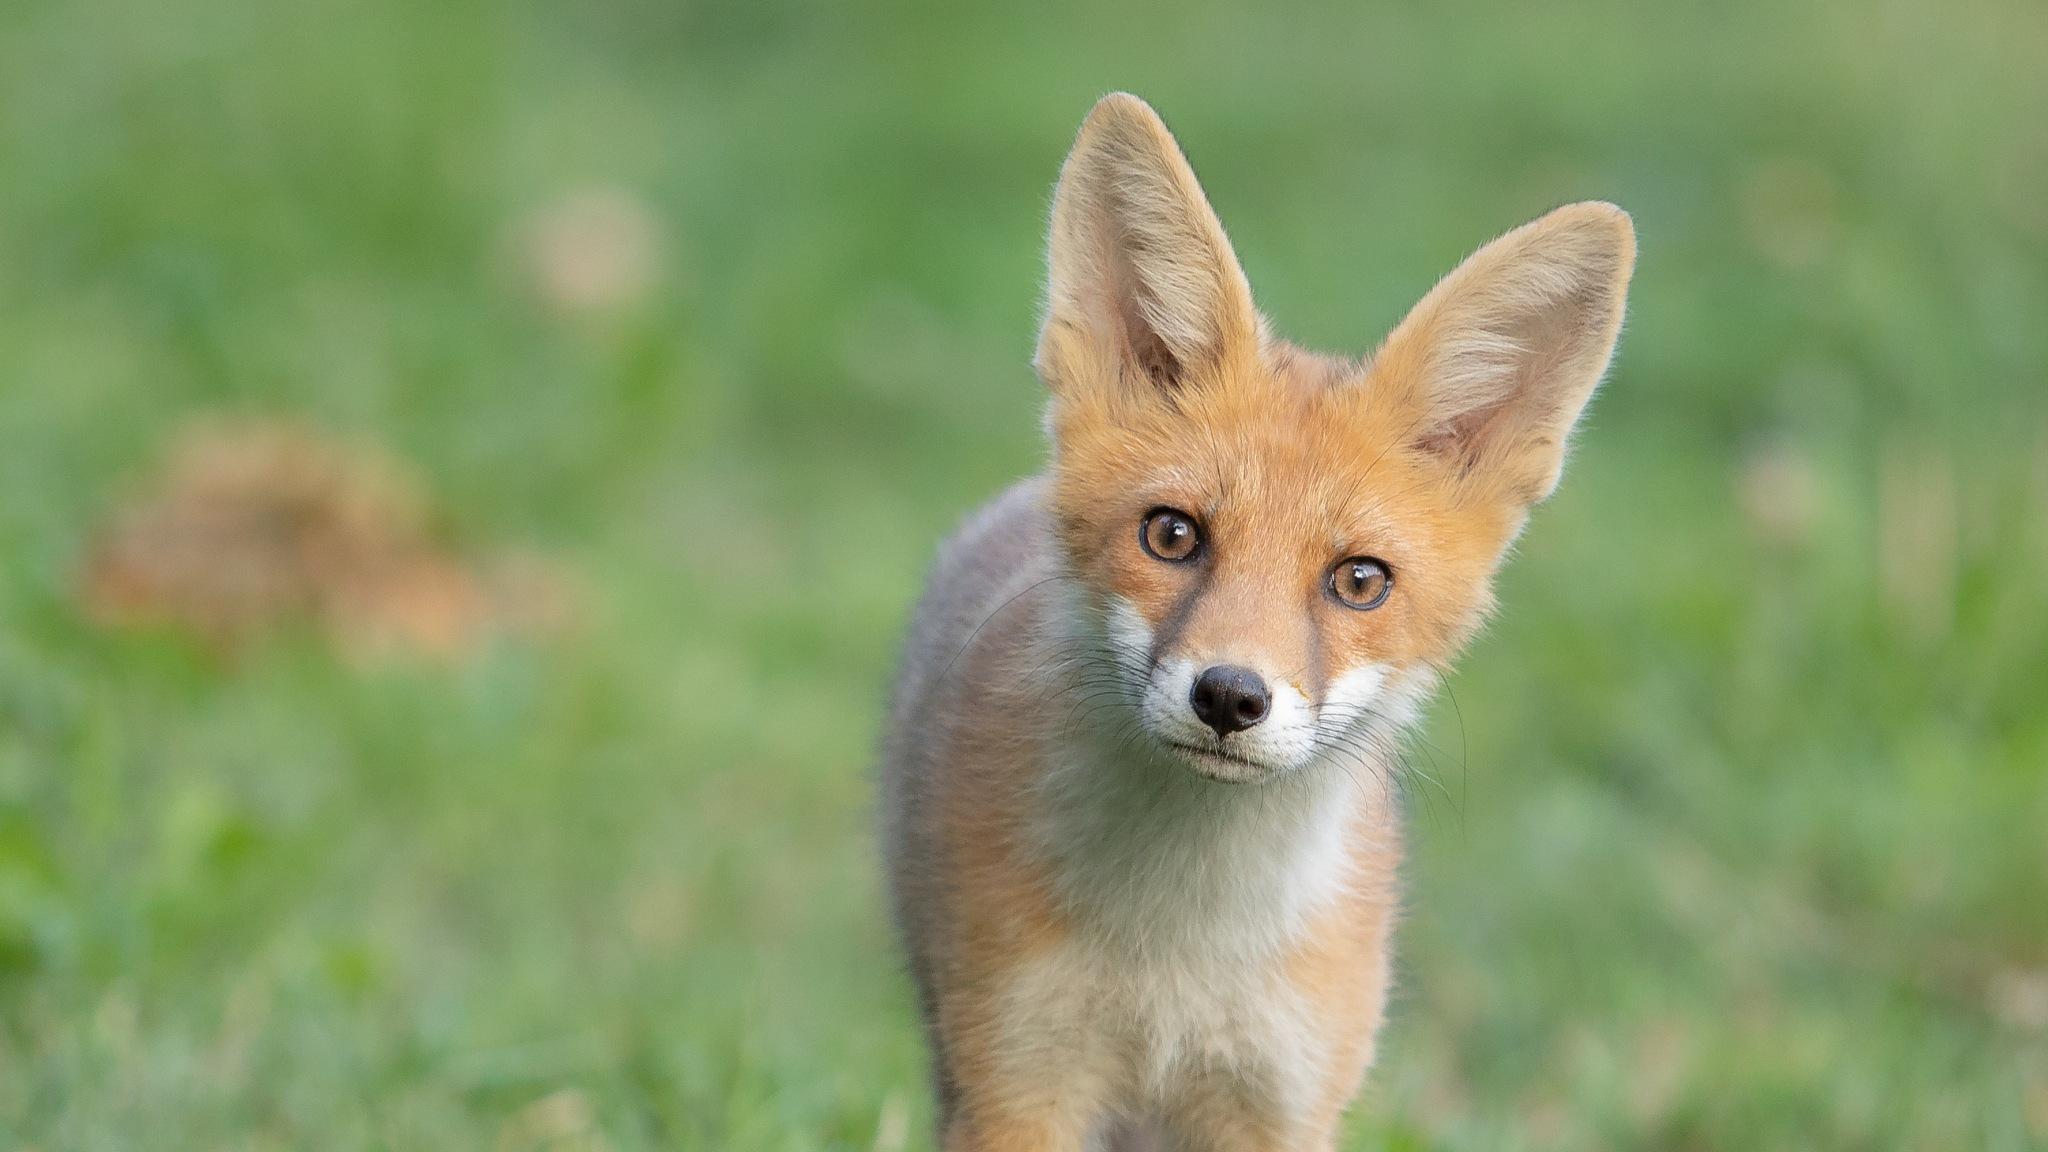 Young Fox by Peter Grischott